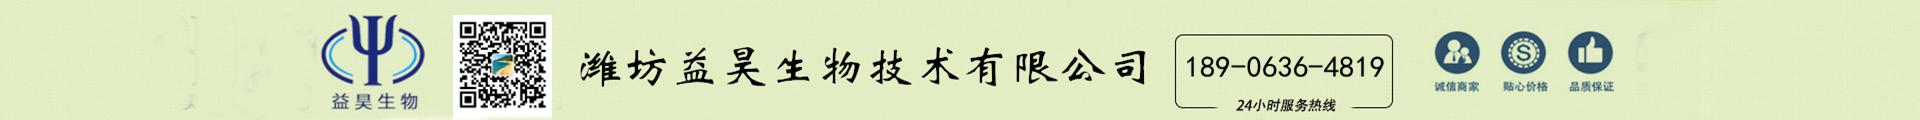 潍坊益昊生物技术有限公司